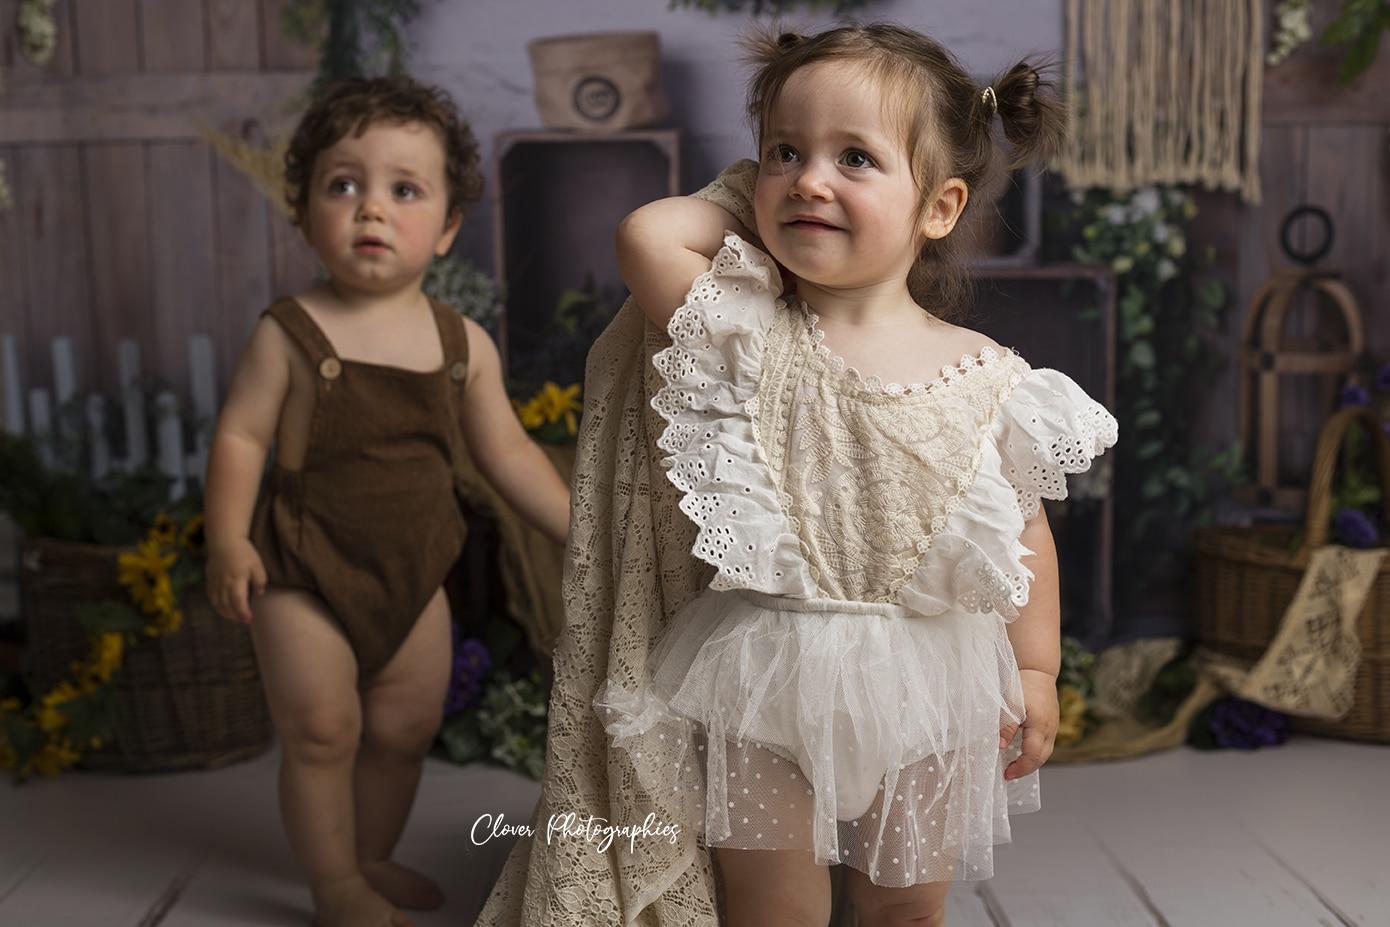 séance bébé jumeau strasbourg - clover photographies